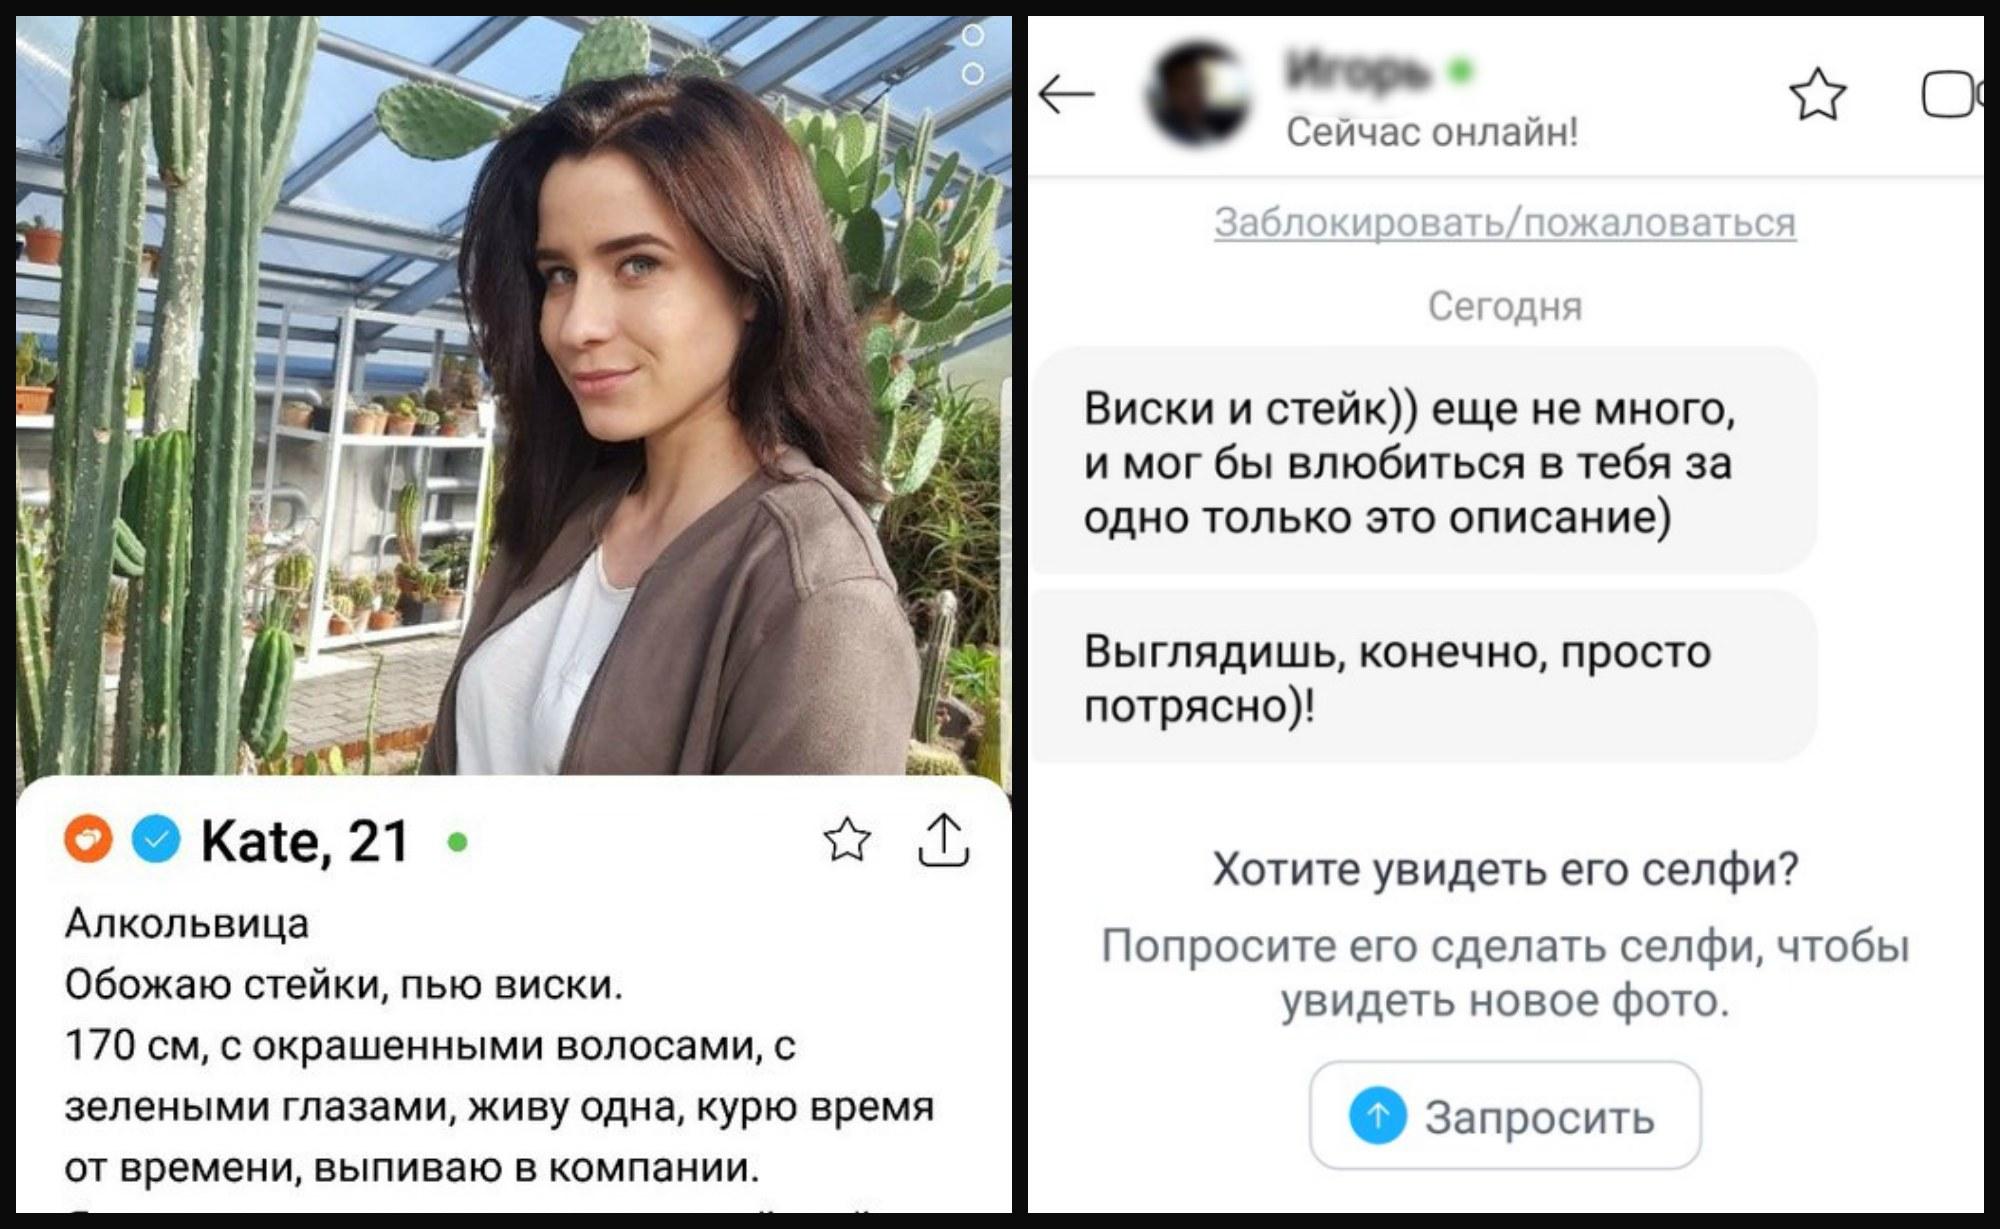 Прикольный статус для знакомства в интернете картинки знакомства через интернет